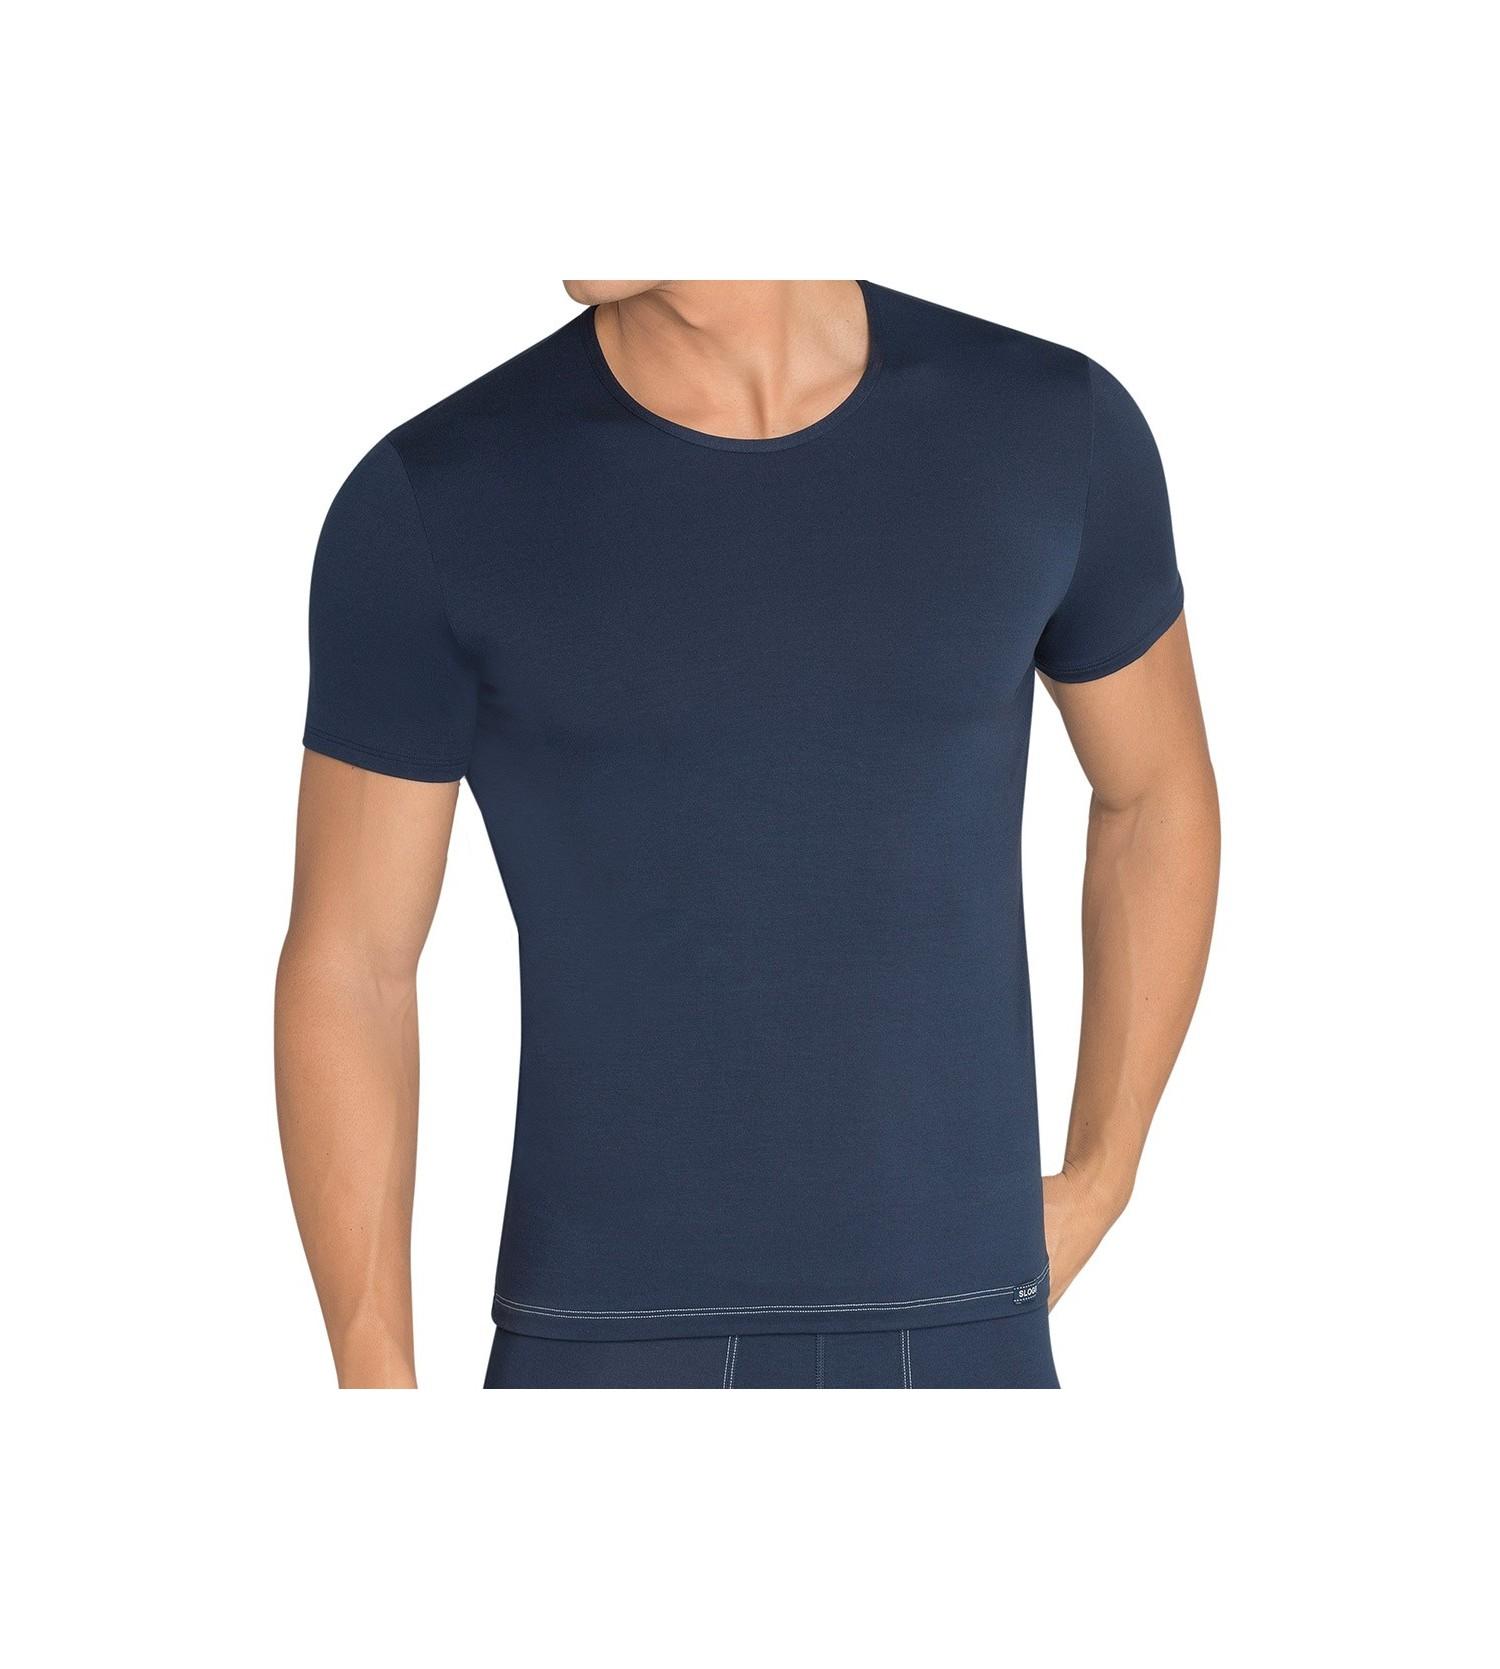 T-shirt sloggi men basic soft 80MARINE